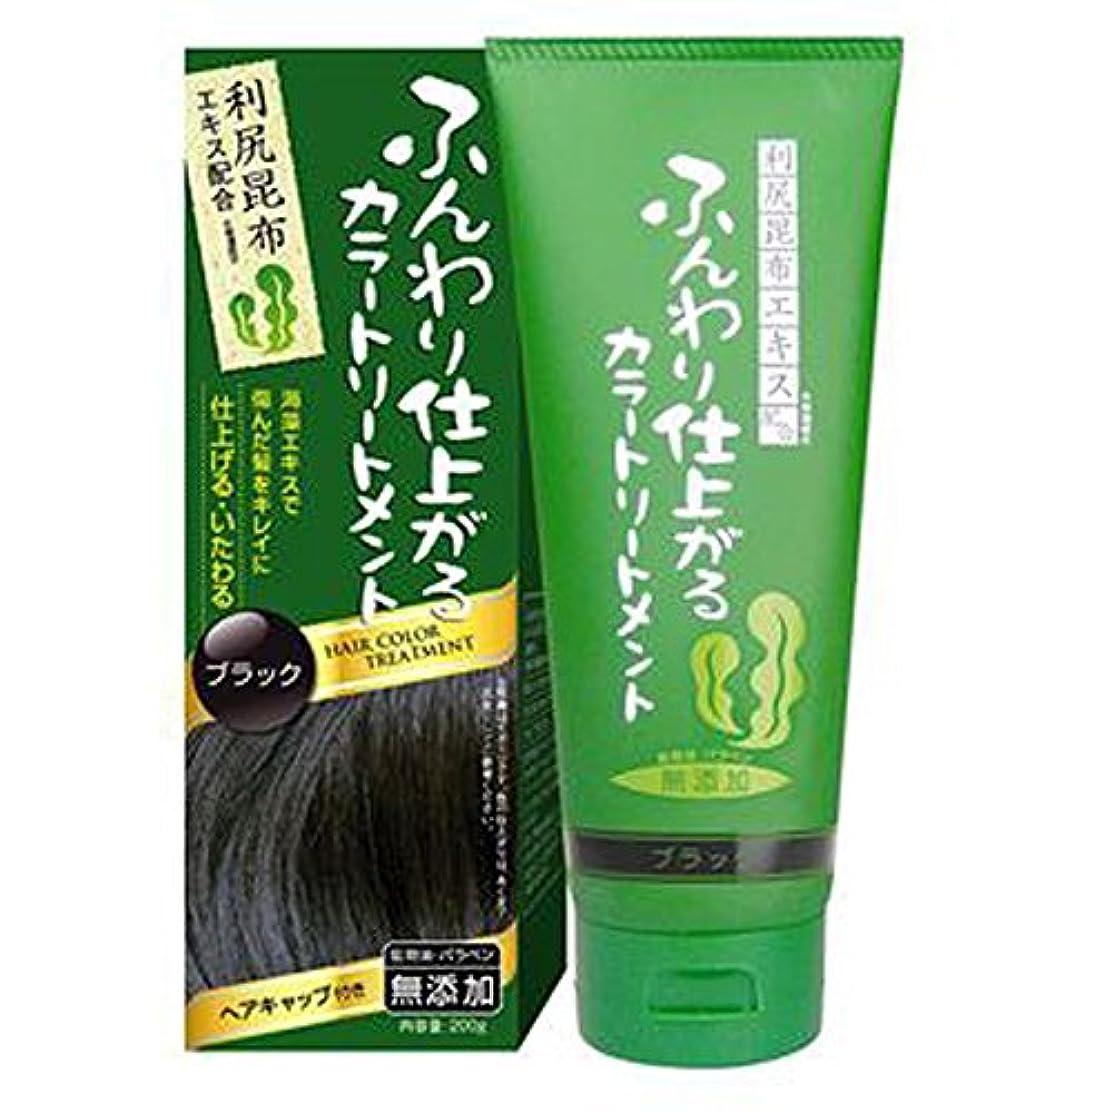 オーガニック発症上げるふんわり仕上がるカラートリートメント 白髪 染め 保湿 利尻昆布エキス配合 ヘアカラー (200g ブラック) rishiri-haircolor-200g-blk